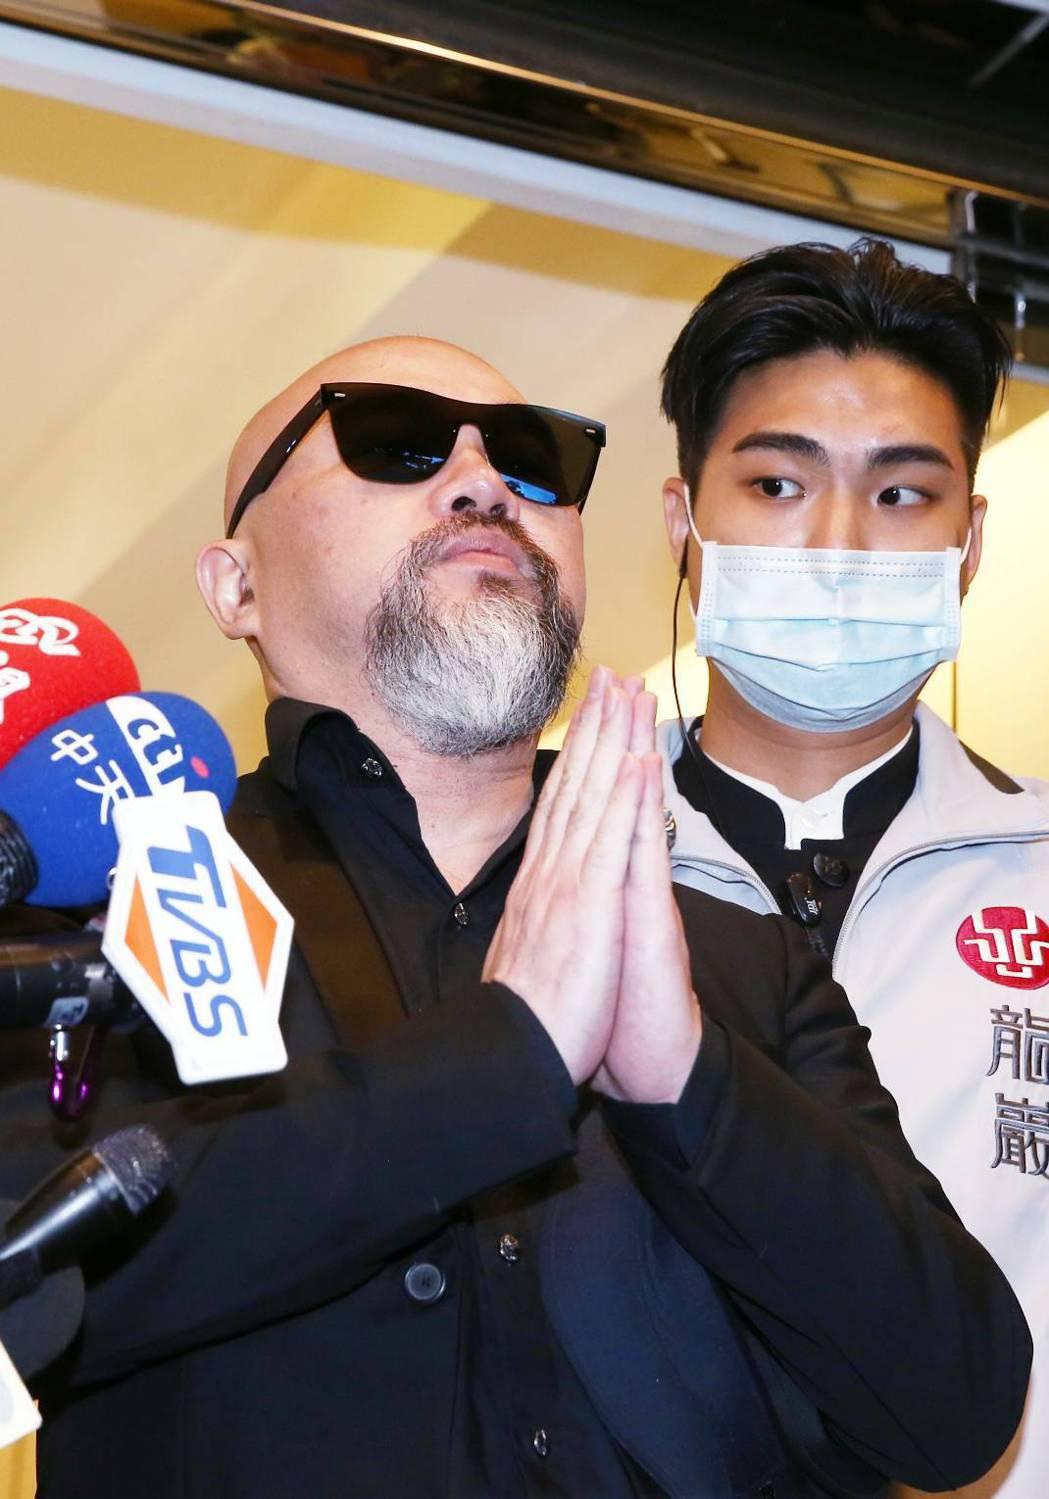 辛龍雙手合十對媒體說「謝謝」。記者曾原信/攝影